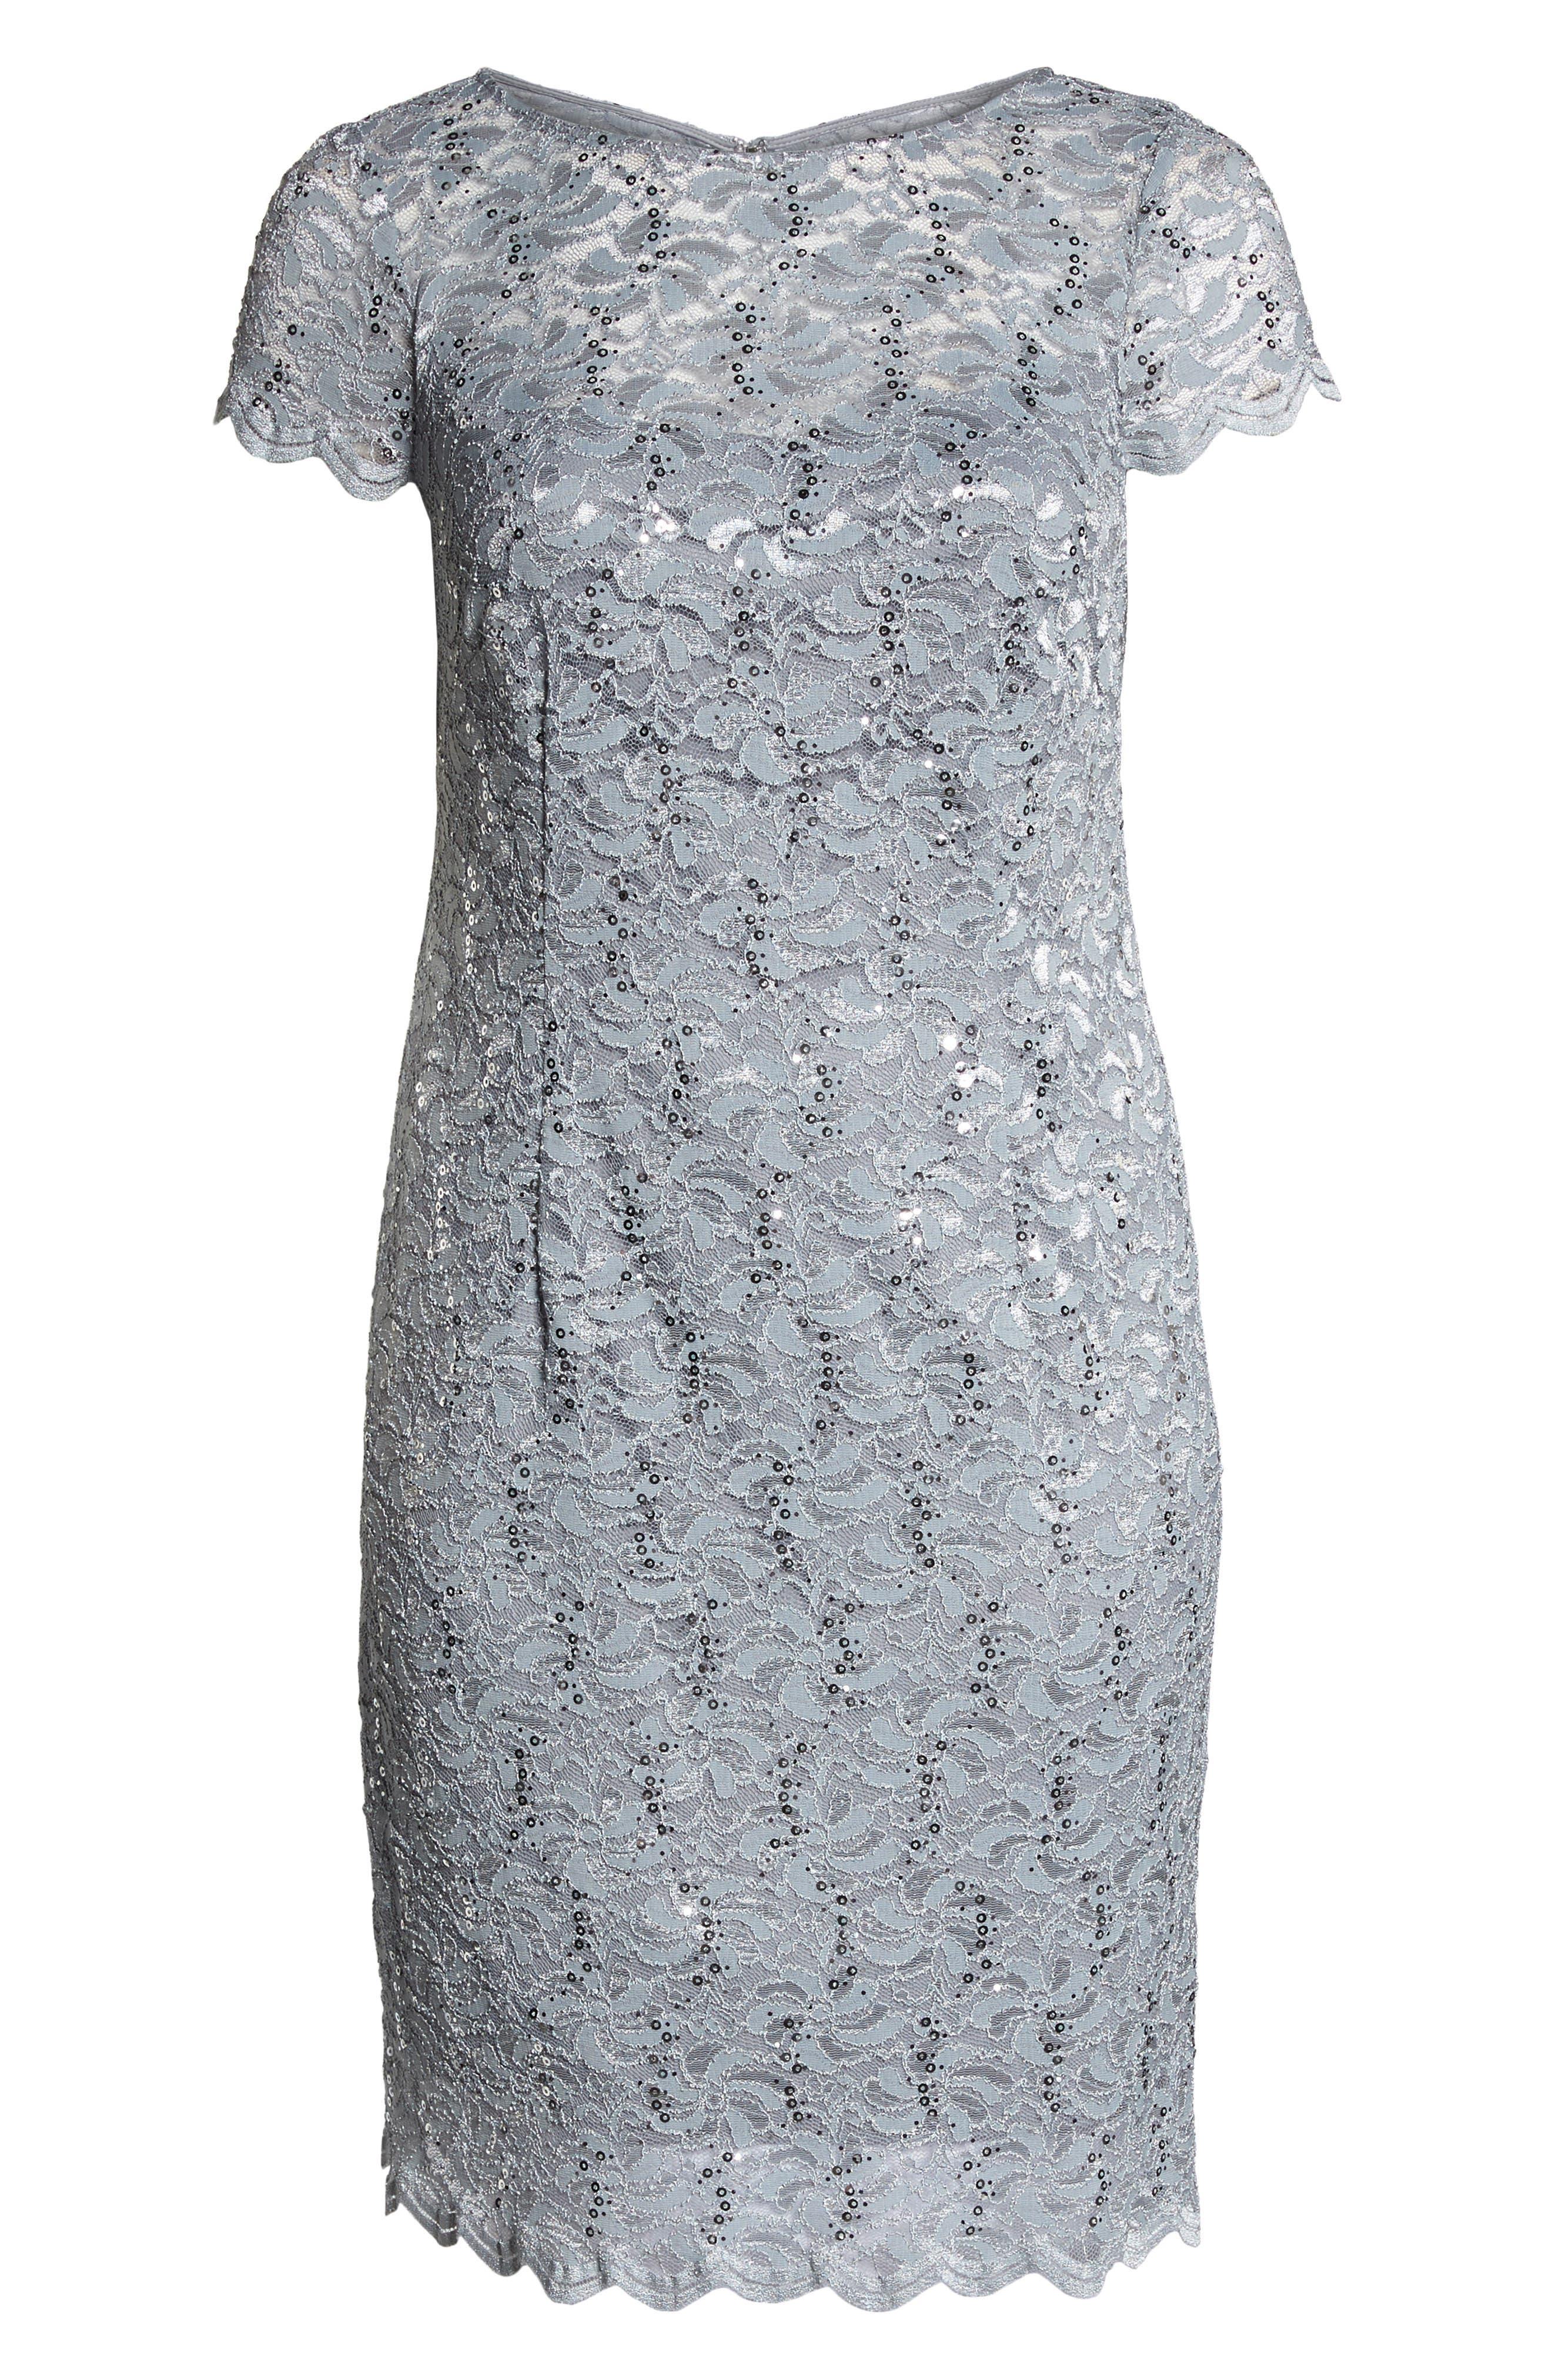 Sequin Lace Sheath Dress,                             Alternate thumbnail 6, color,                             Platinum